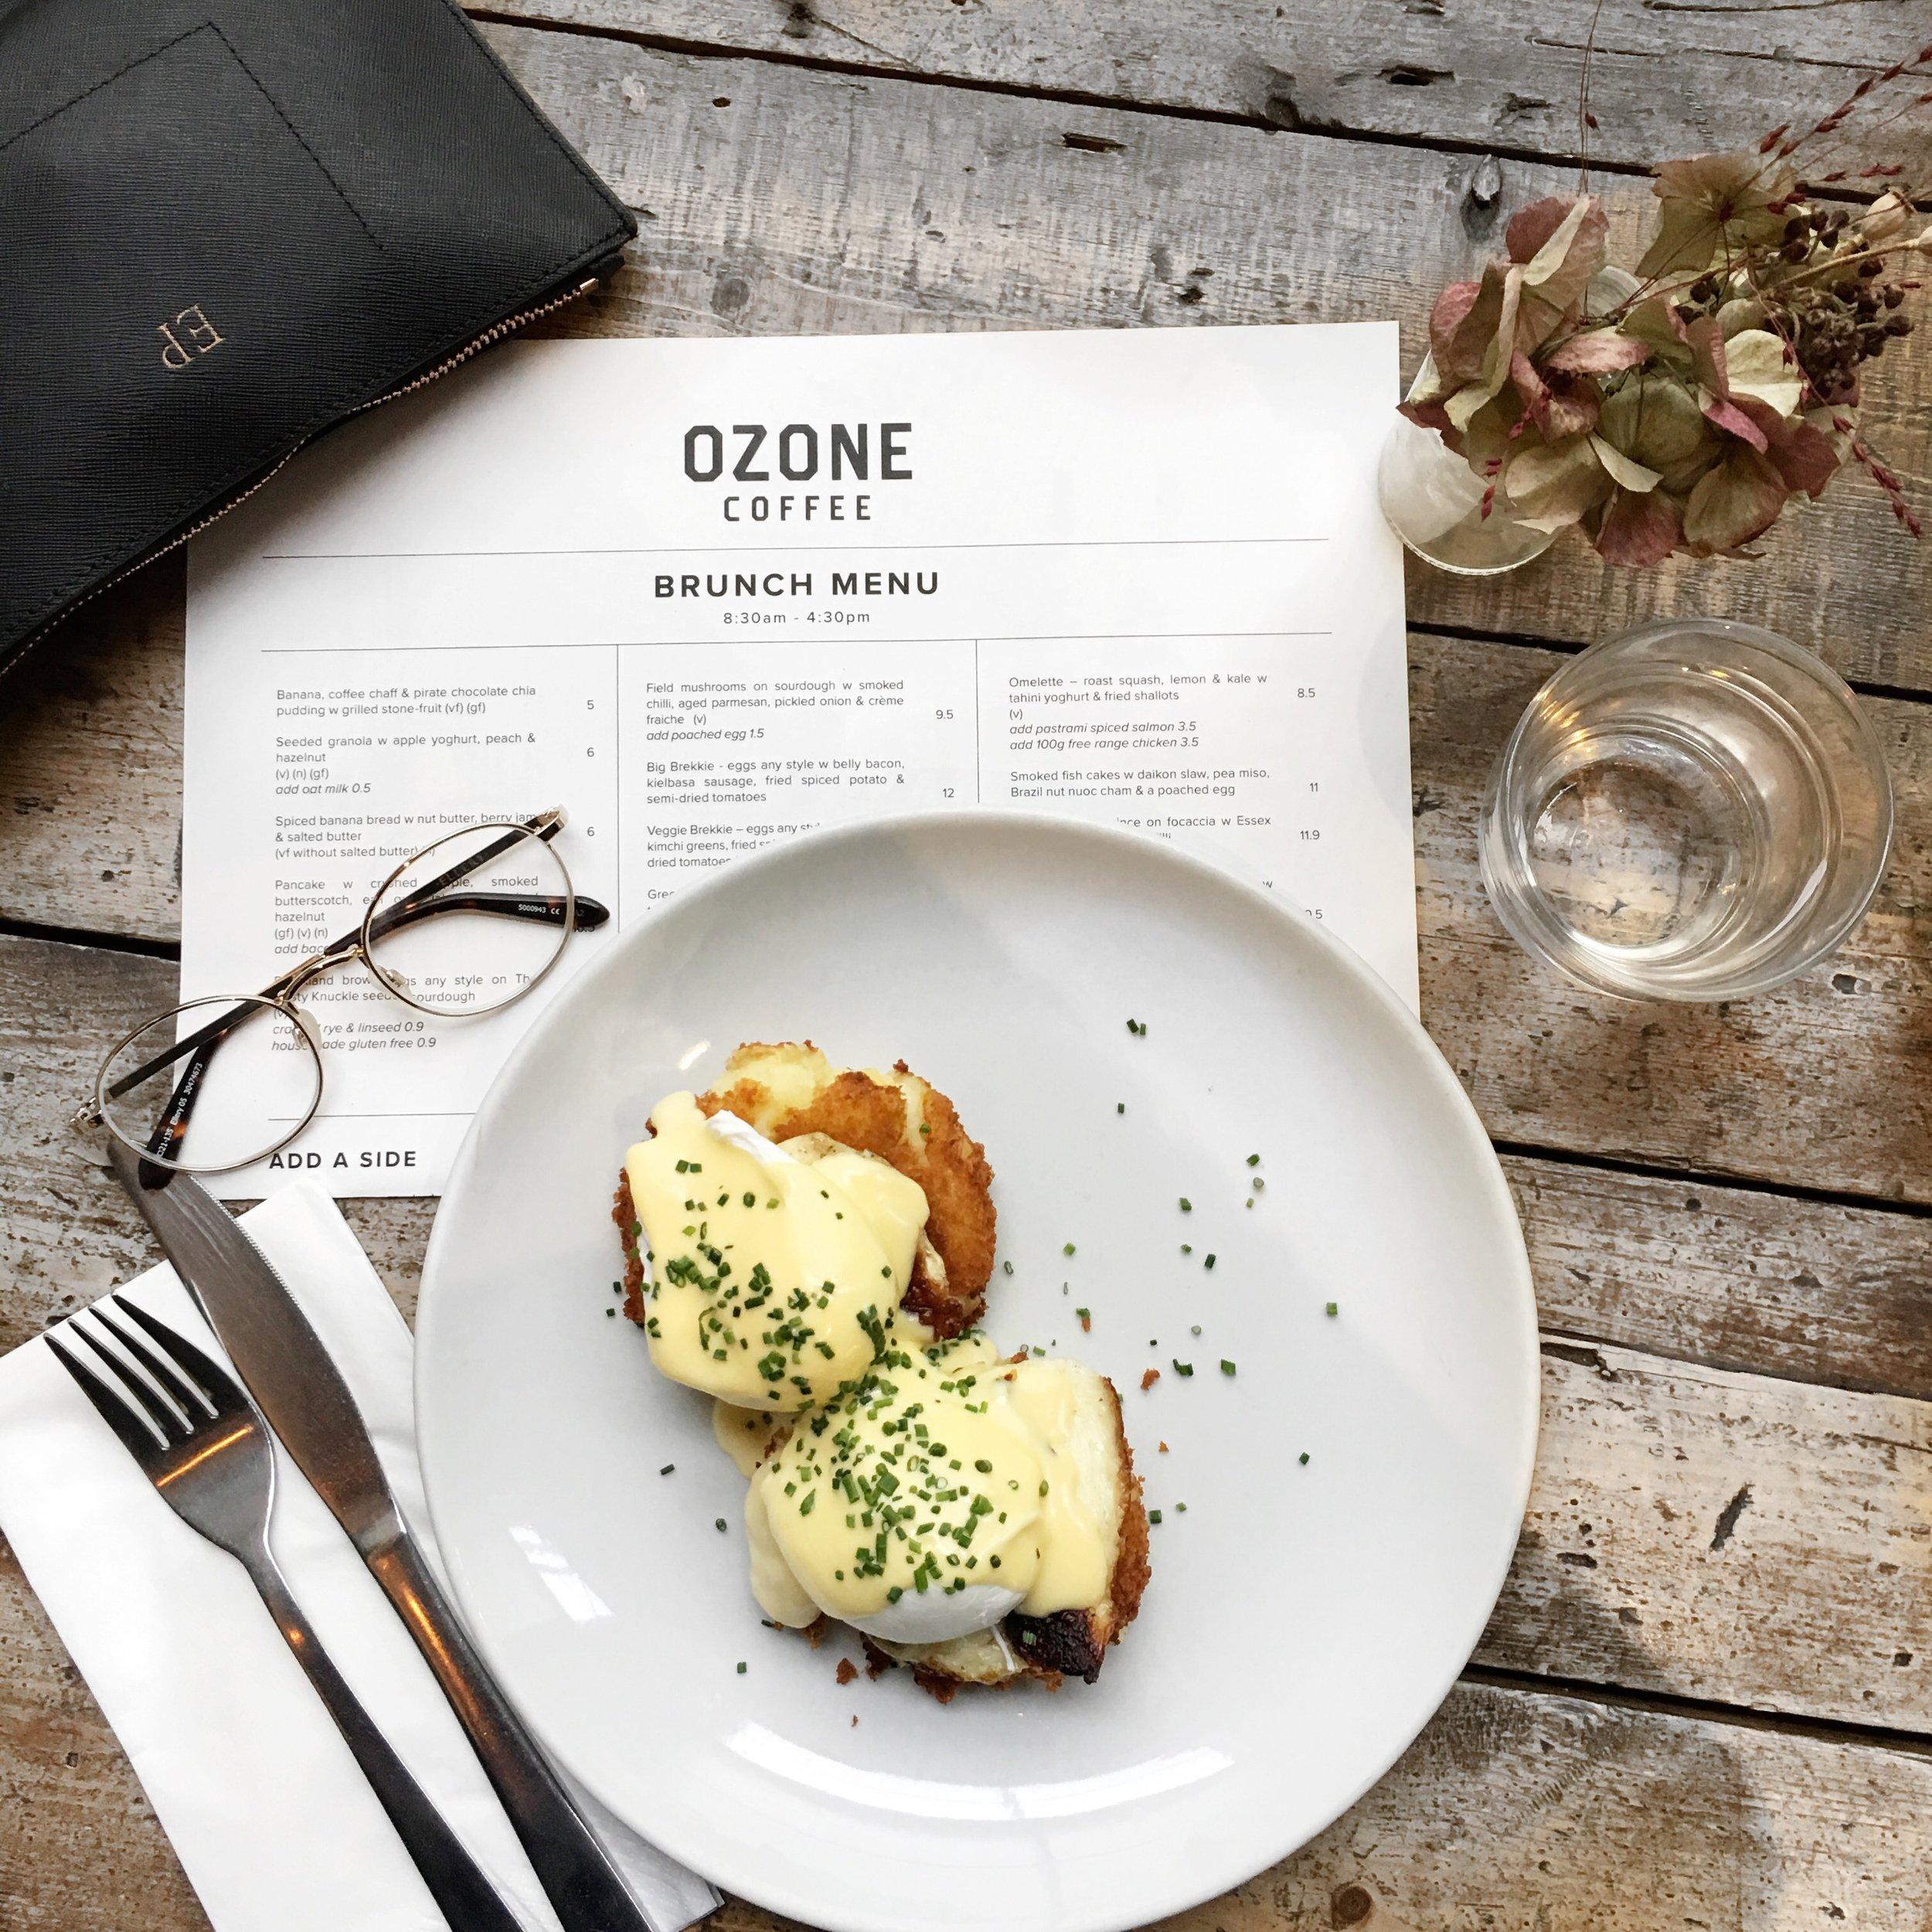 ozone coffee best london brunch